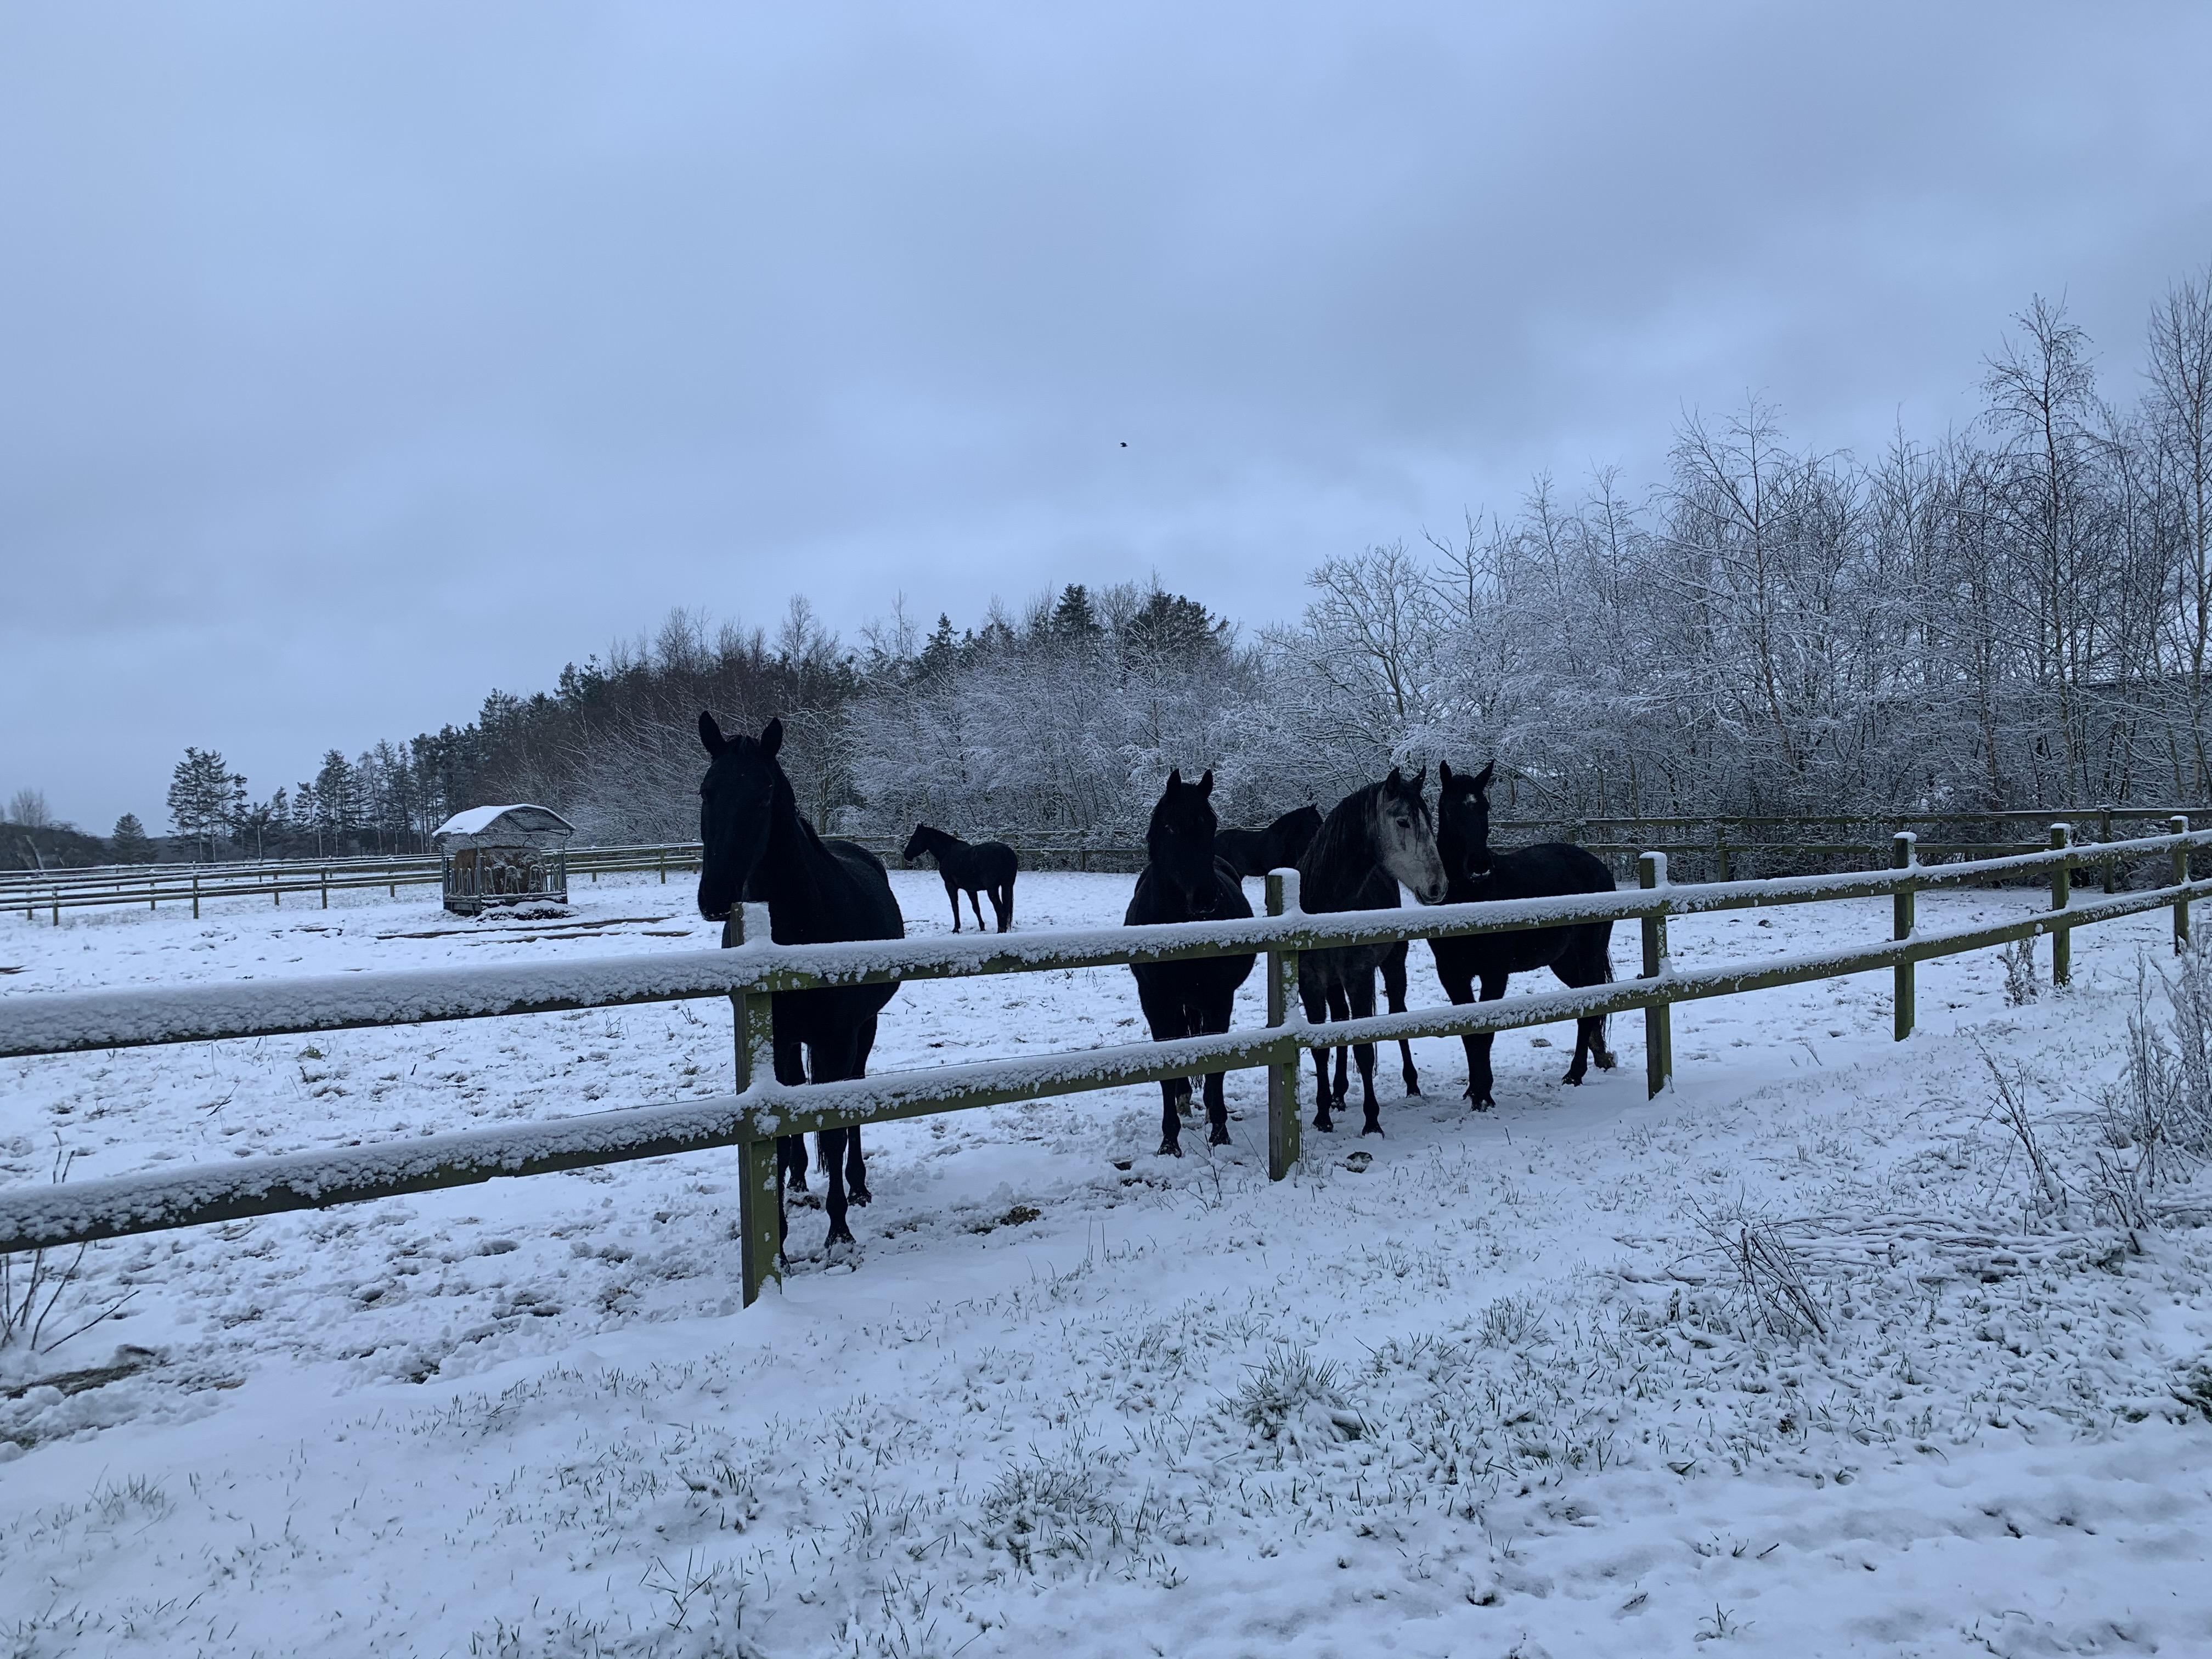 Jan 2020. Så kom vinteren til Bjerrede. Der ligger så meget sne, at vi overvejer om kælkene skal frem. Det skal nok være hurtigt - for sneen er nok væk i morgen.